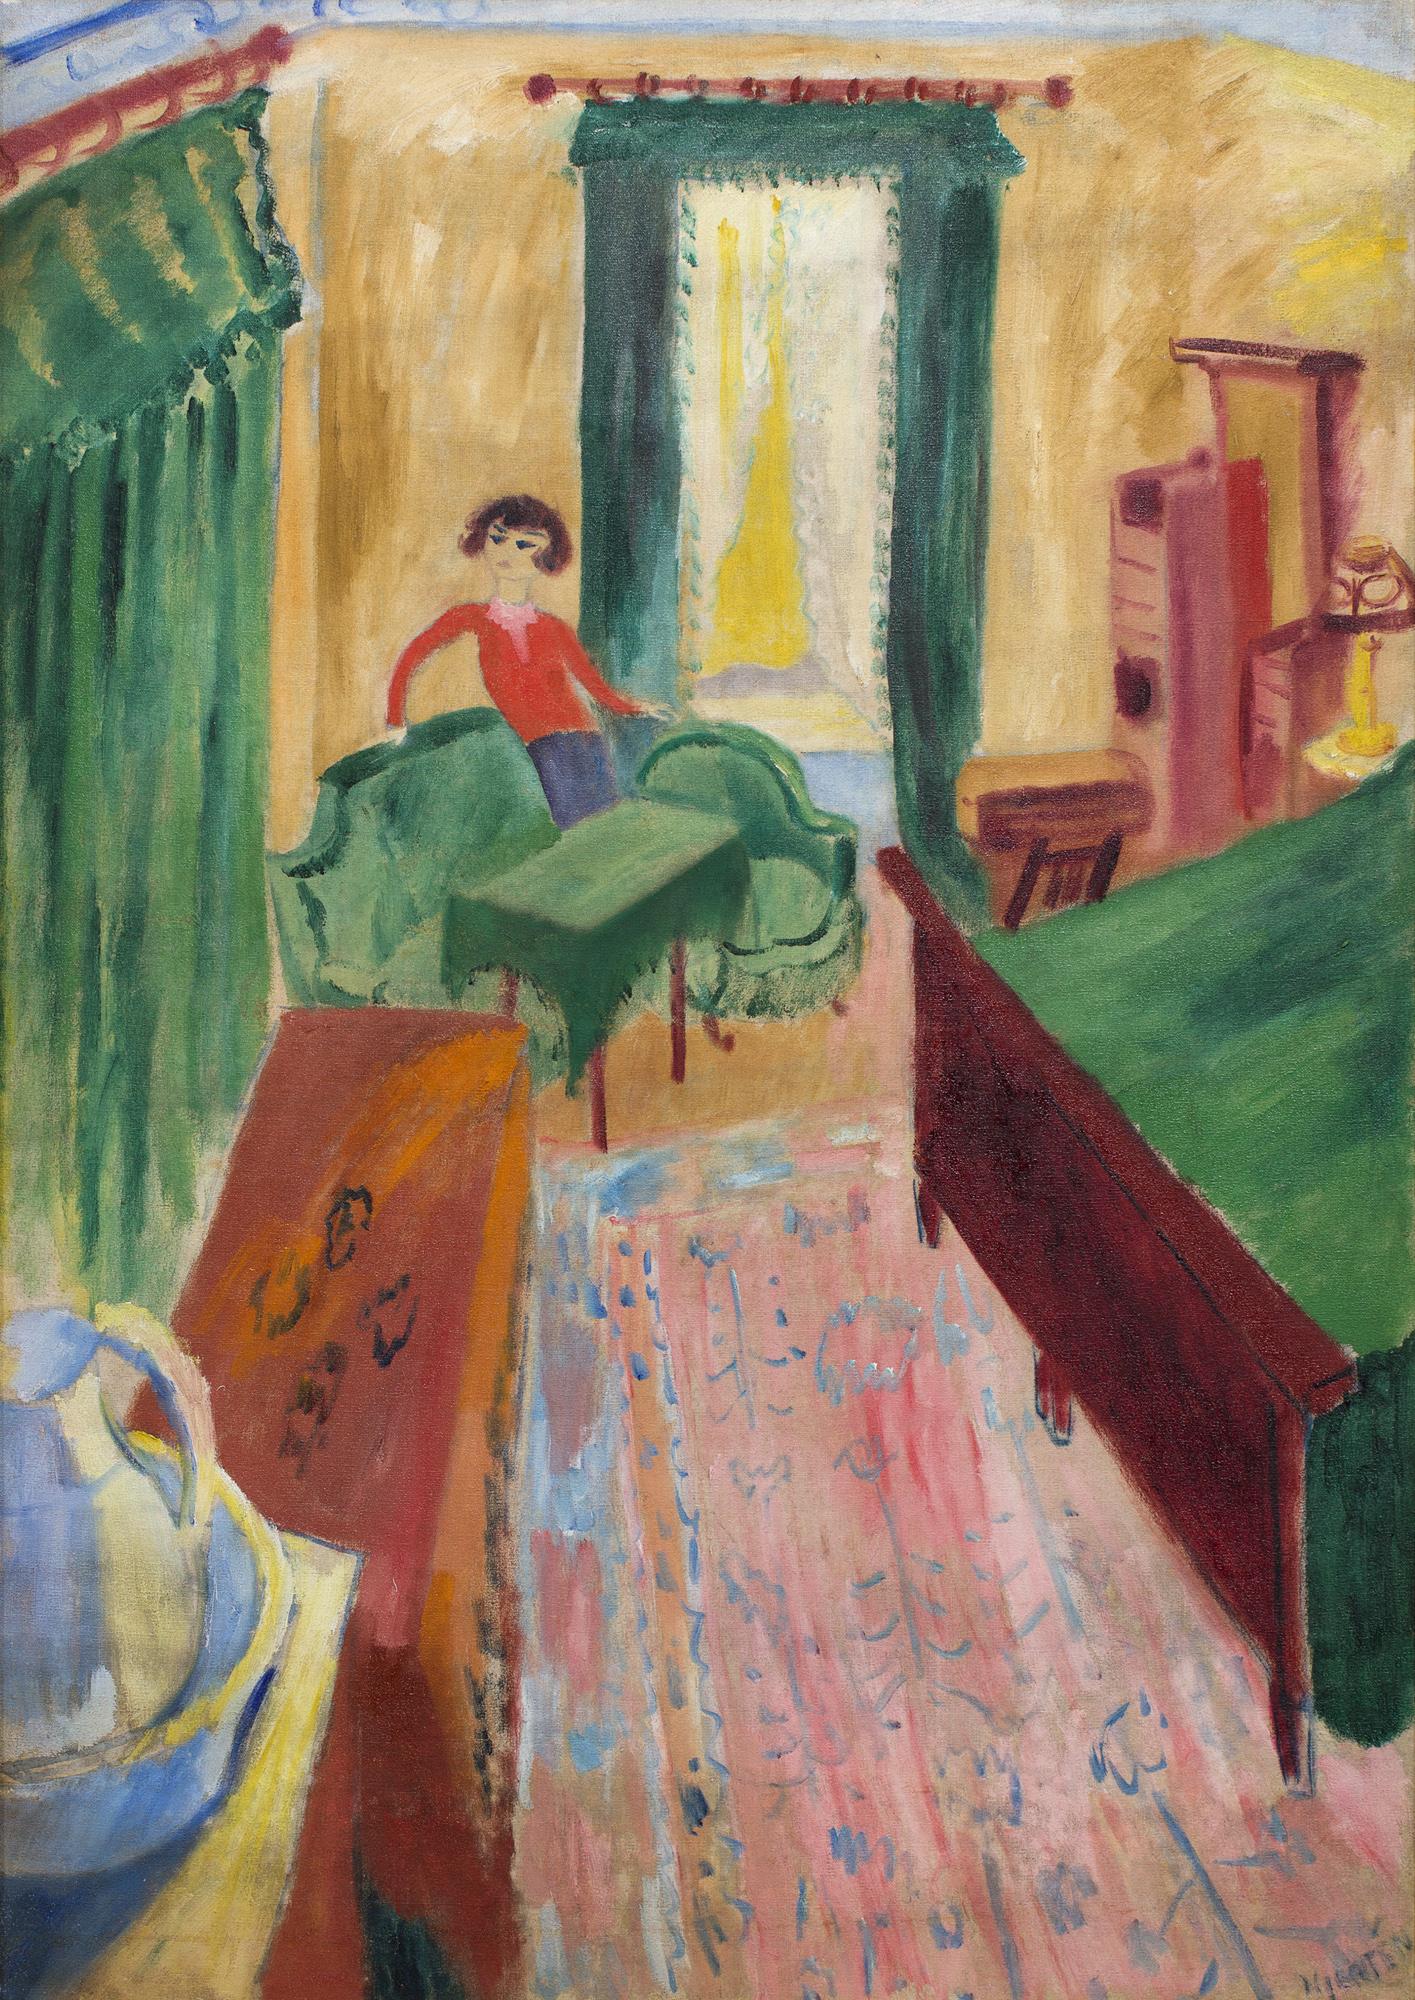 Sigrid Hjertén   Interiör – Iván i grön soffa  1915 Oil on canvas 97 x 69 cm